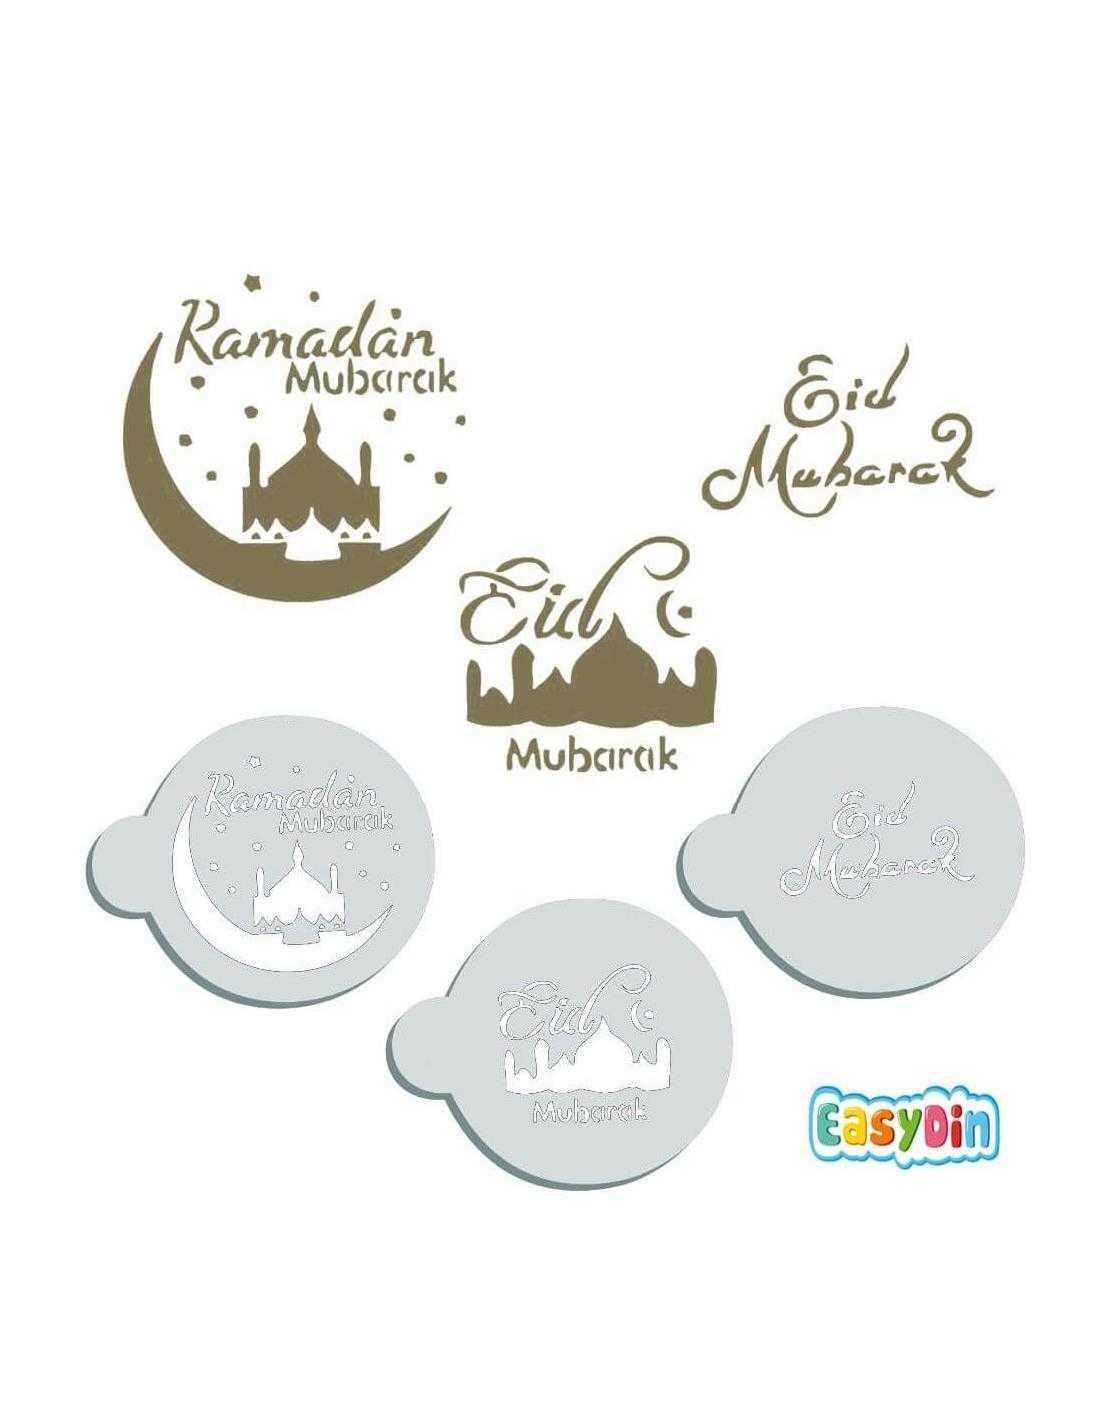 3 pochoirs à gateaux ramadan eid mubarak